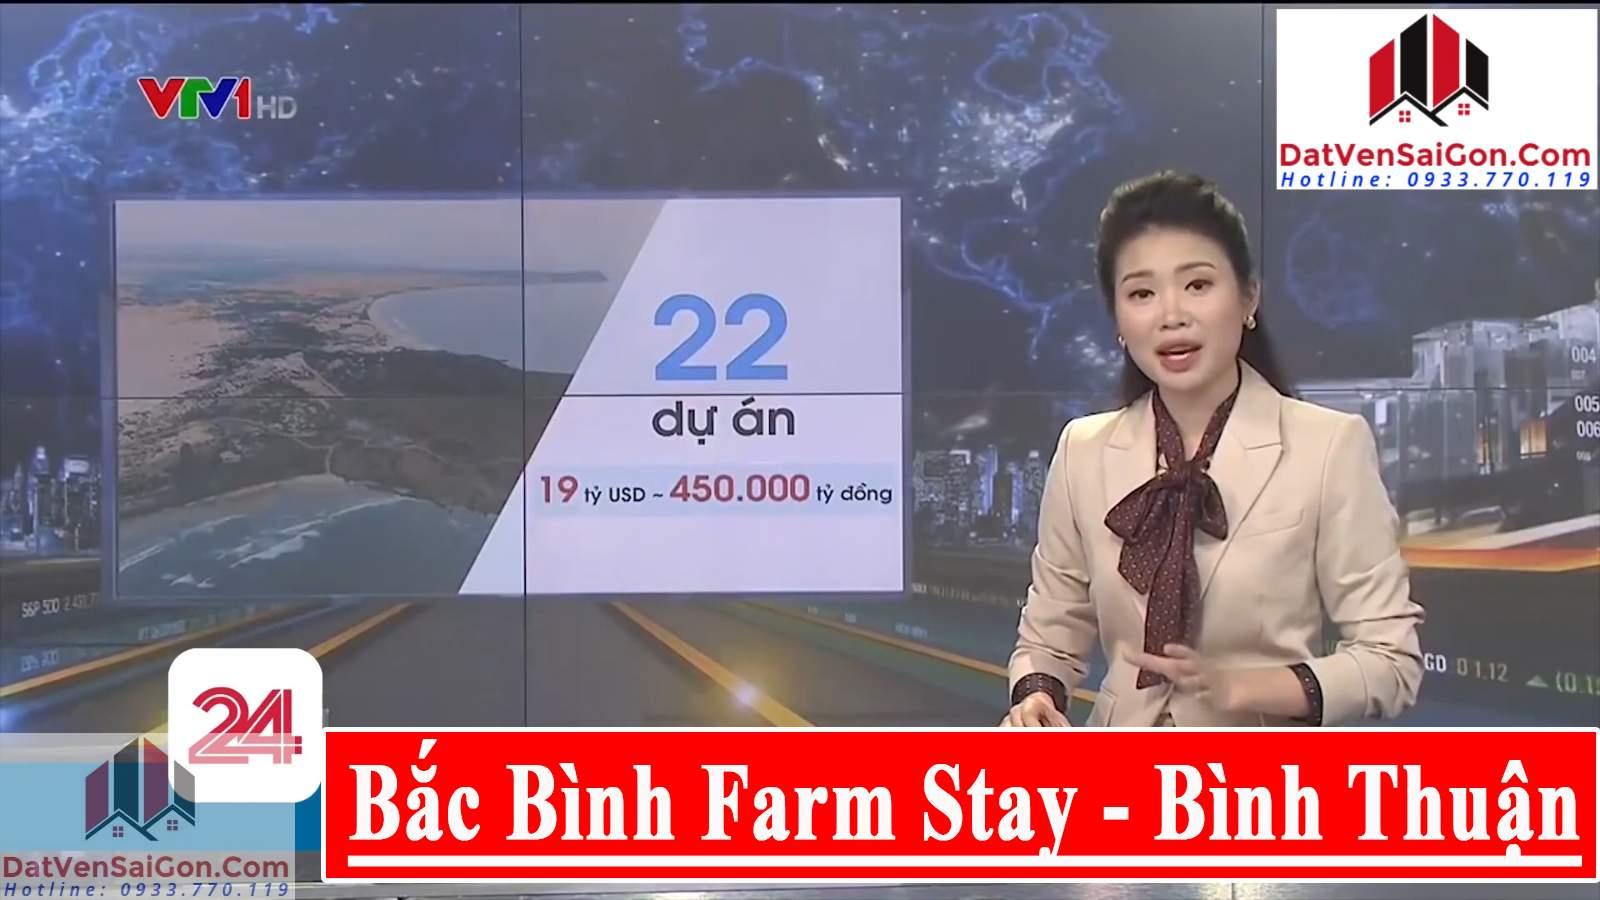 Bán Đất Bắc Bình Farm Stay - Bình Thuận